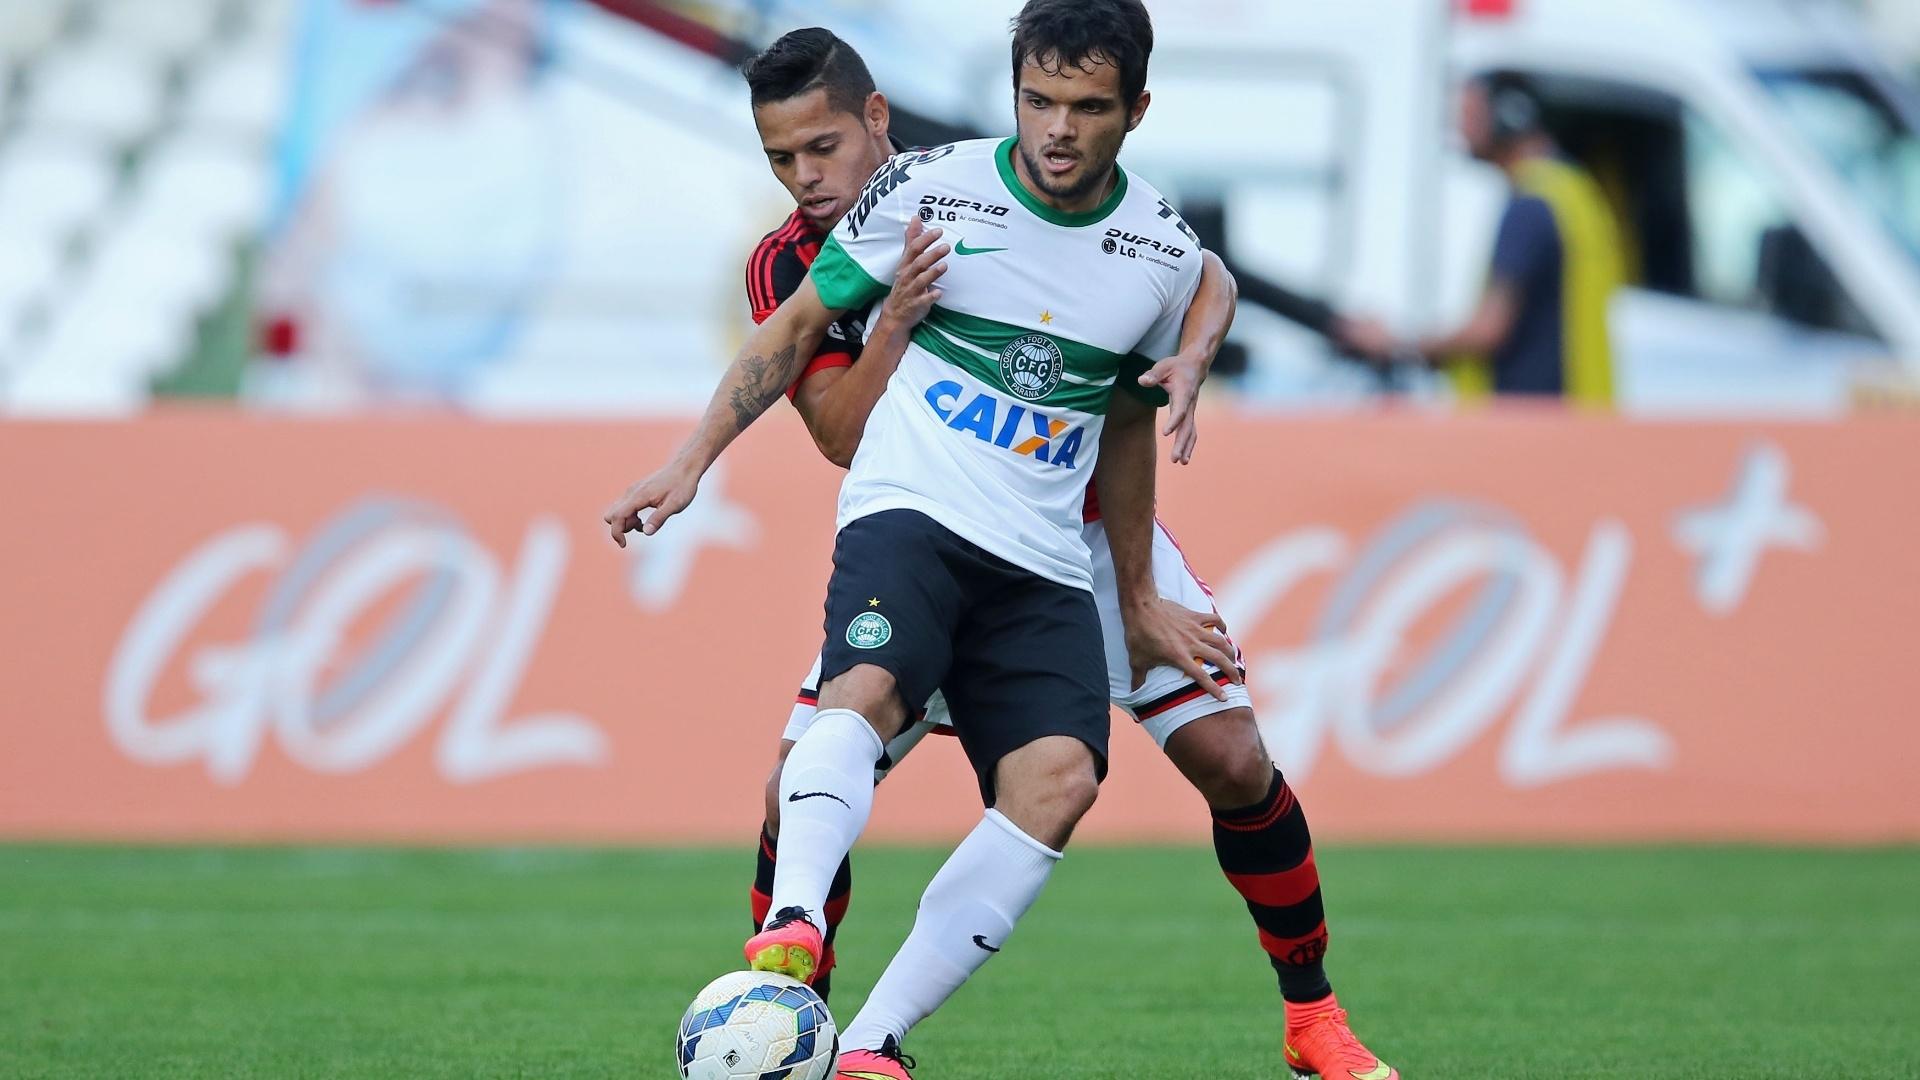 João Paulo, do Flamengo, aperta a marcação sobre Norberto, do Coritiba, durante jogo no Couto Pereira